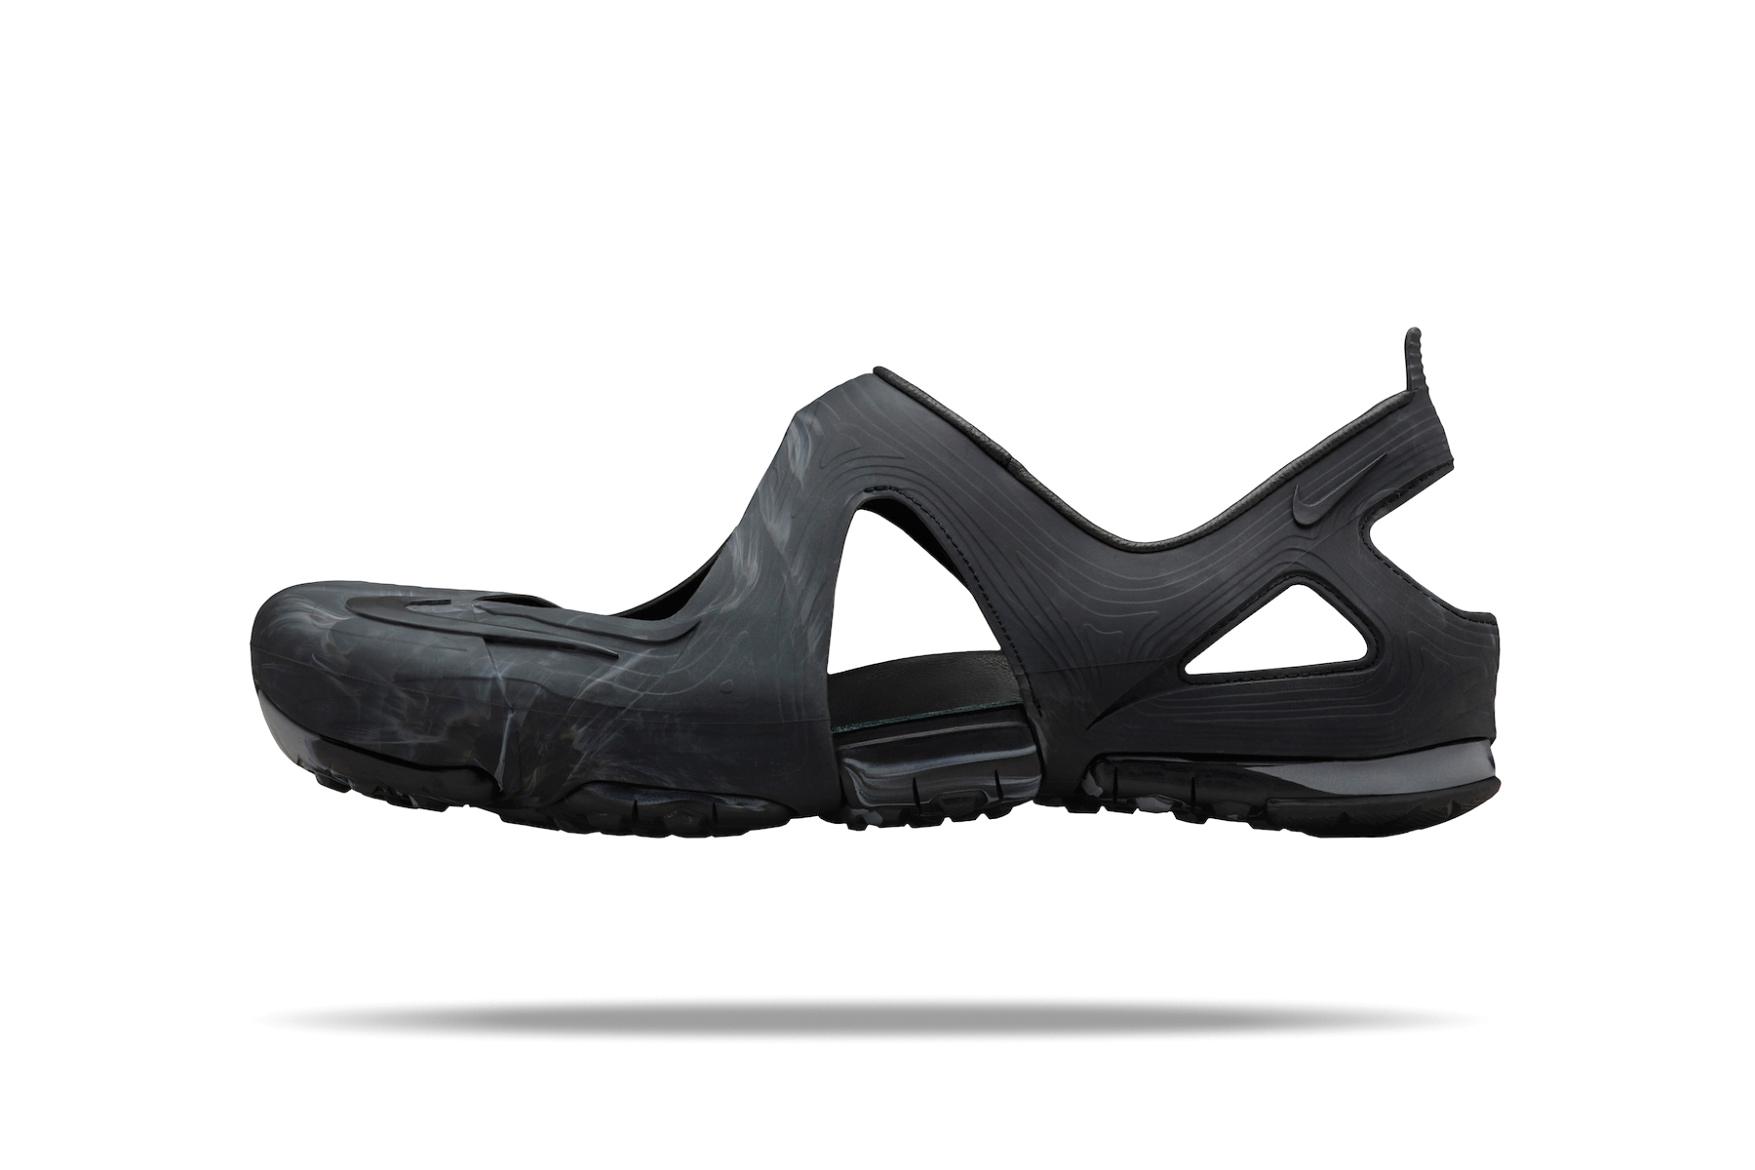 nikelab-free-rift-sandal-2016-3.jpg?quality=95&w=1755